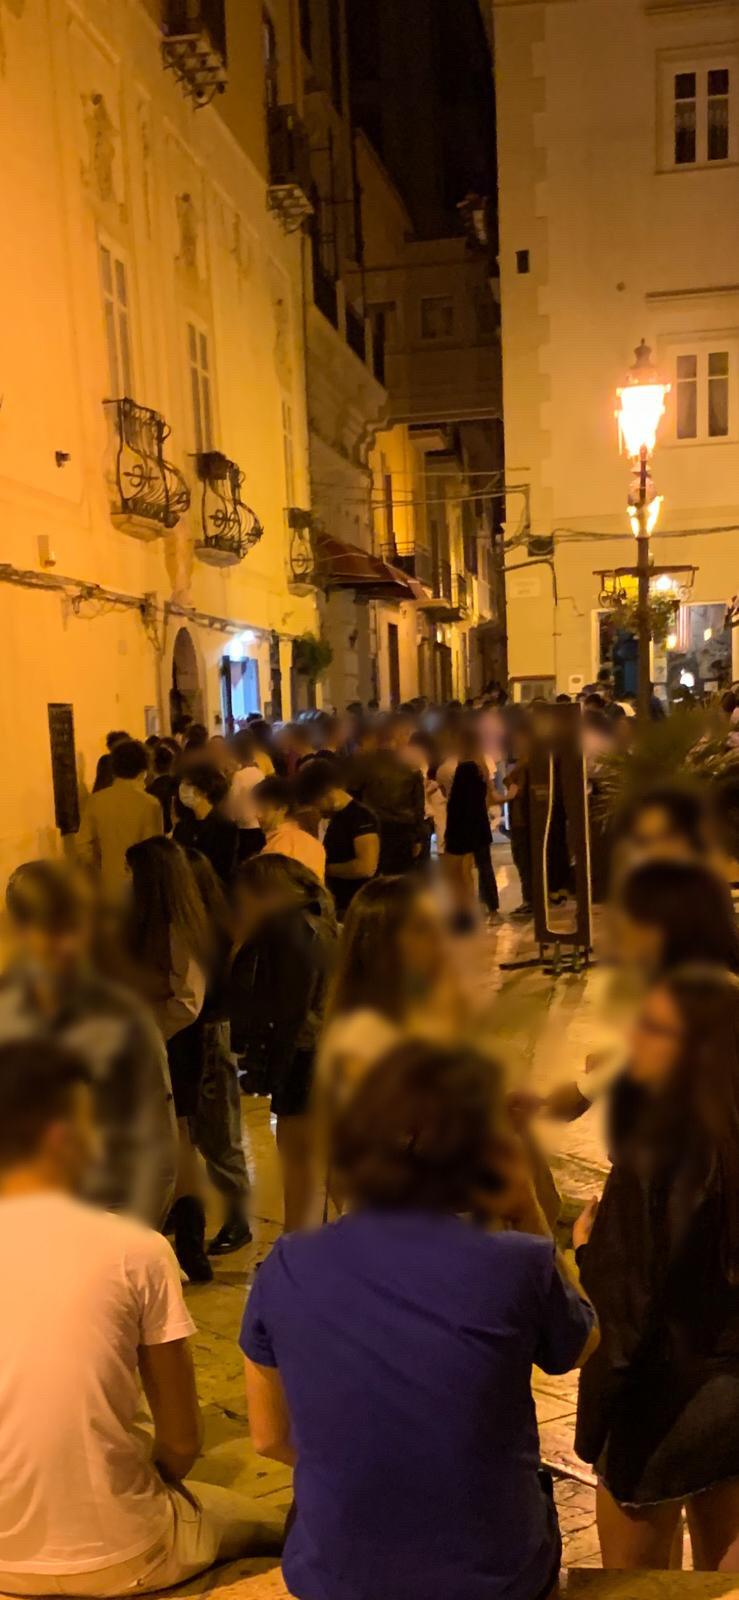 Come se nulla fosse: folla di giovani in centro, e litigi, nel sabato sera di Marsala